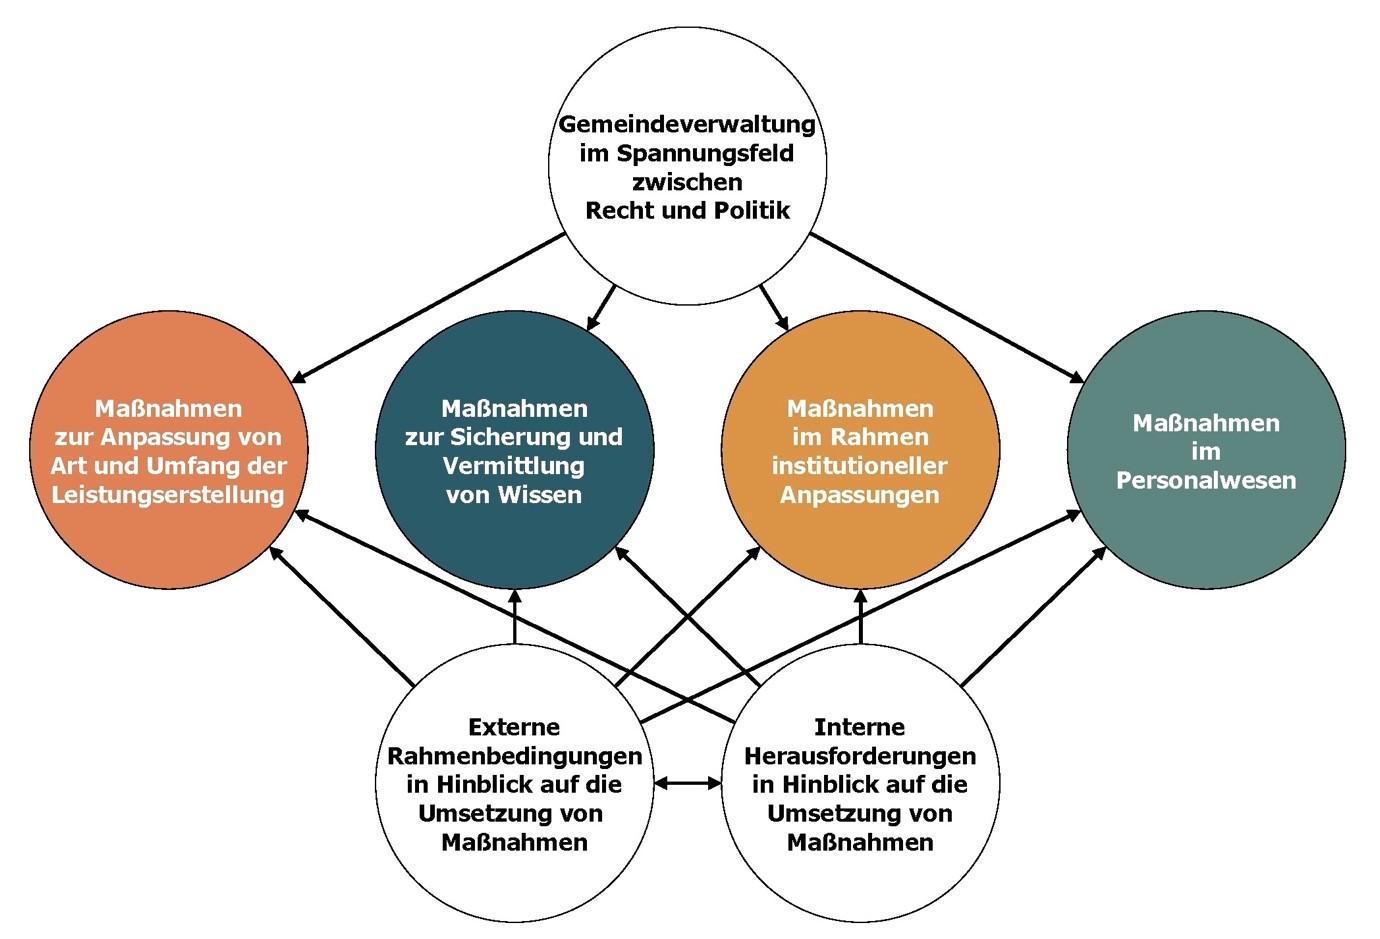 Ergebnisse aus den Befragungen: Maßnahmenkategorien im Rahmen eines demographieorientierten Verwaltungsmanagements und deren Einflussfaktoren